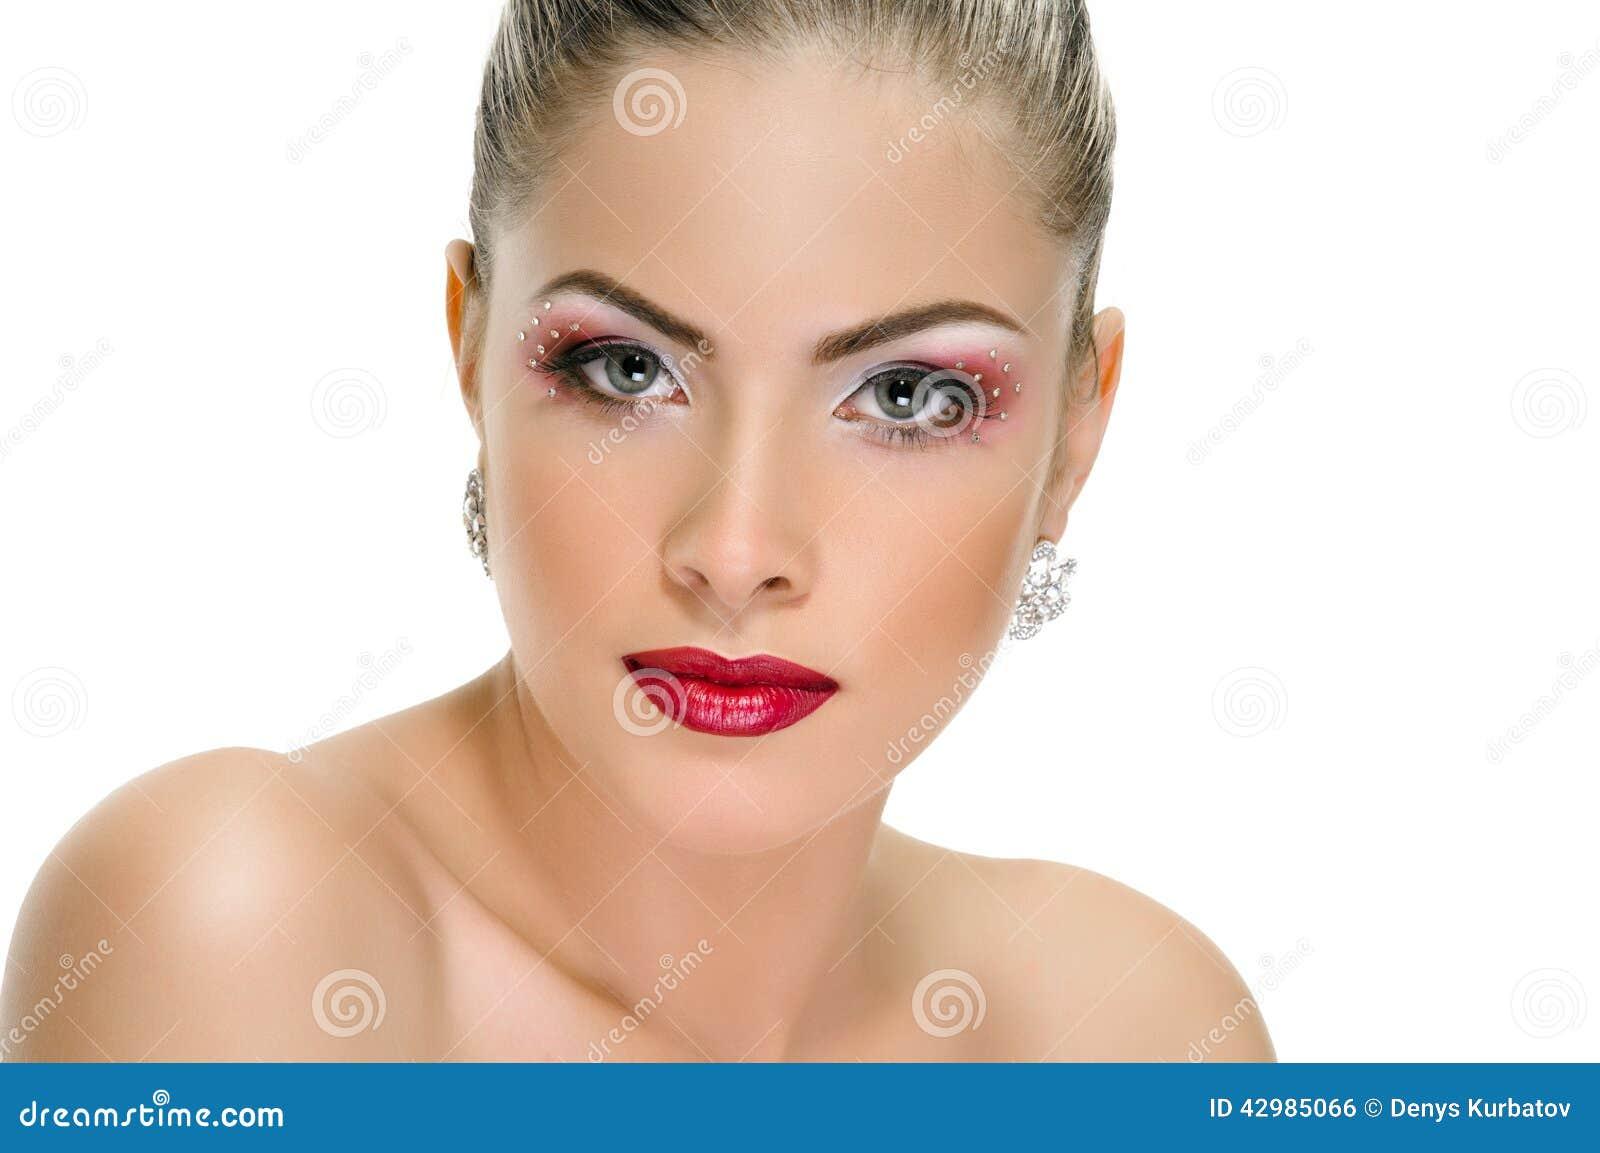 Visage Mod Le Maquillage De L Vres Boucle D 39 Oreille Photo Stock Image 42985066